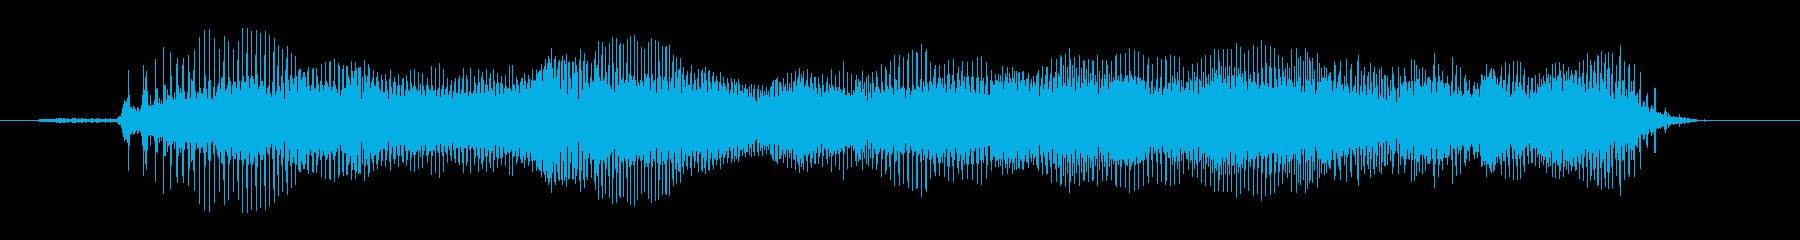 ツール;エアチャフとスパッタを使用...の再生済みの波形